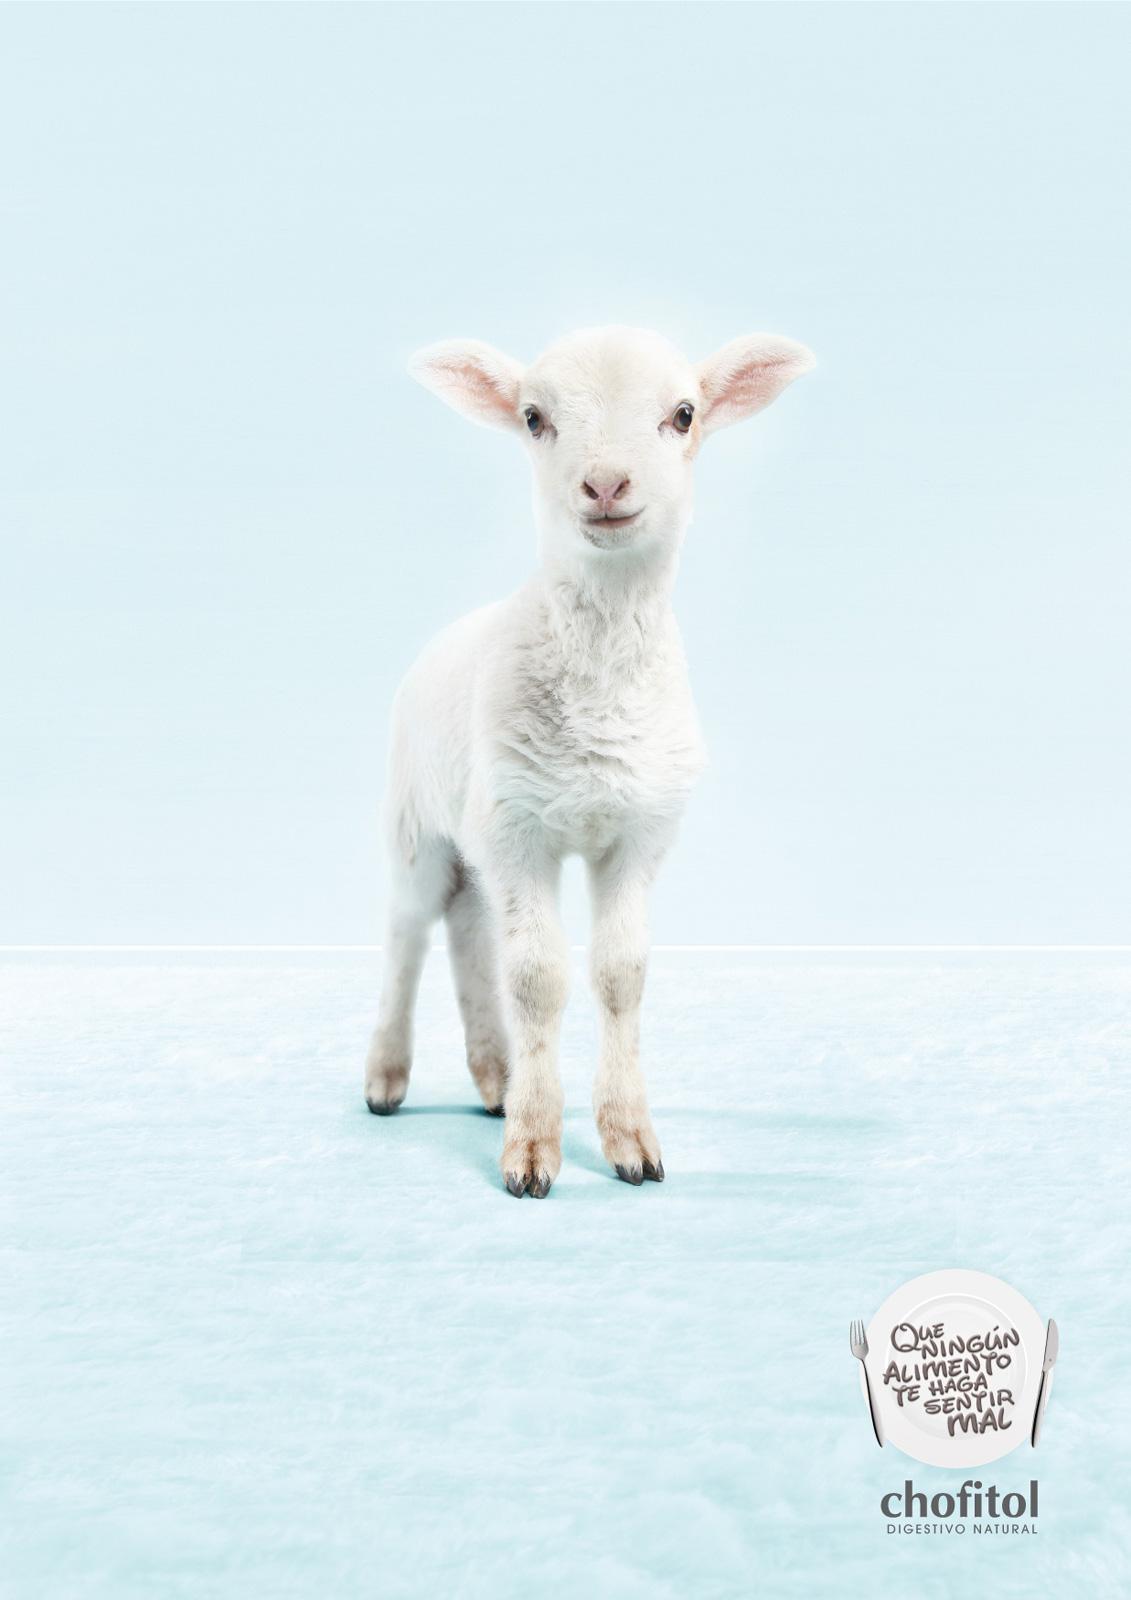 Chofitol Print Ad -  Digestivo Natural, Lamb